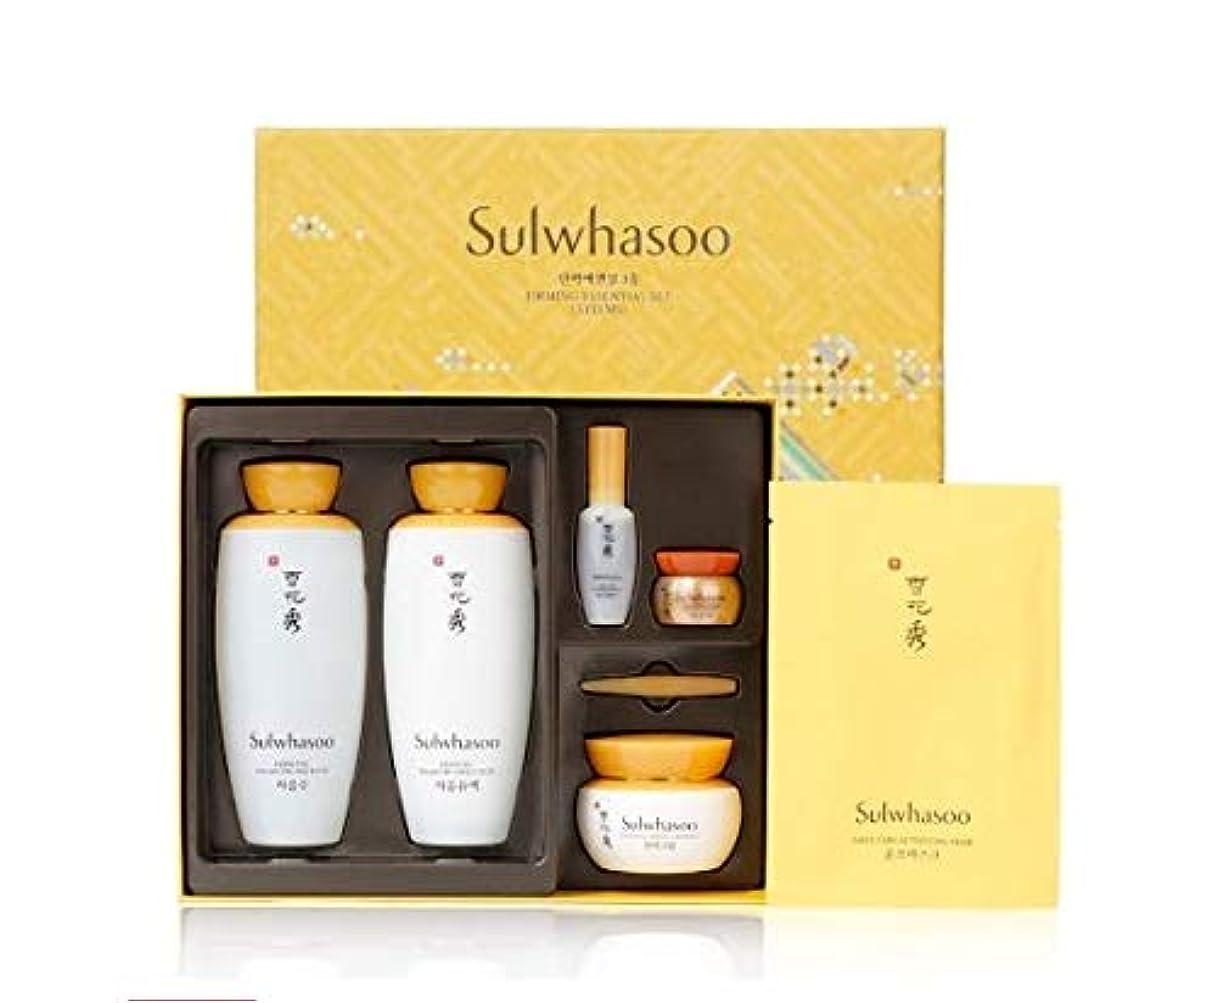 ポーク考古学的な記念[(雪花秀) Sulwhasoo]基礎化粧品 [ Foundation cosmetics Essential water and emulsion 125ml + Essential Firming Cream EX...